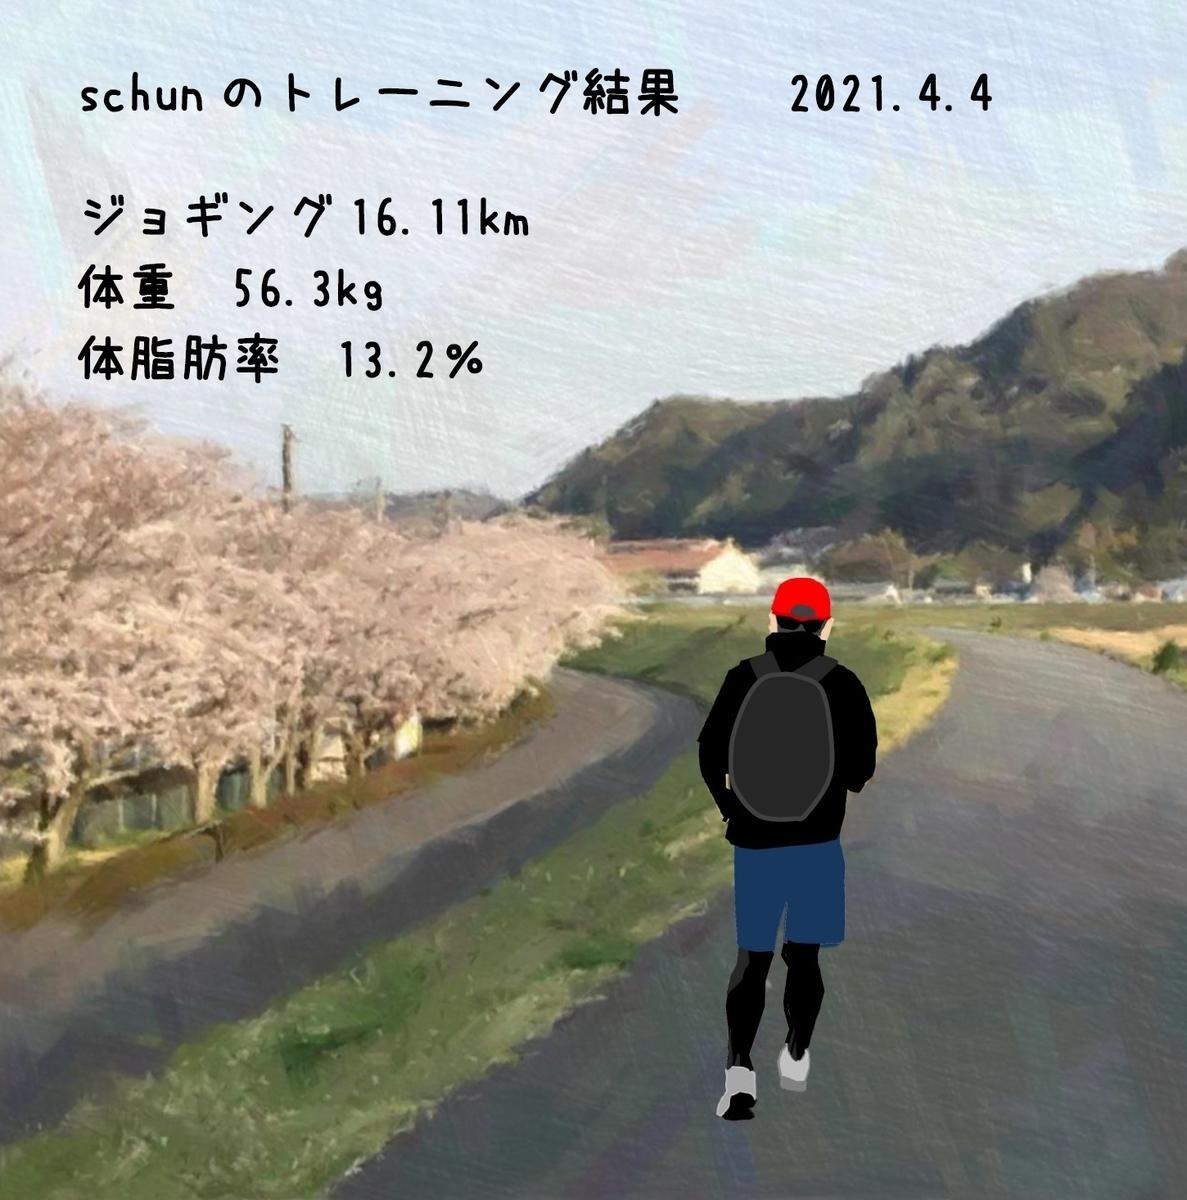 f:id:schunchi2007:20210404153223j:plain